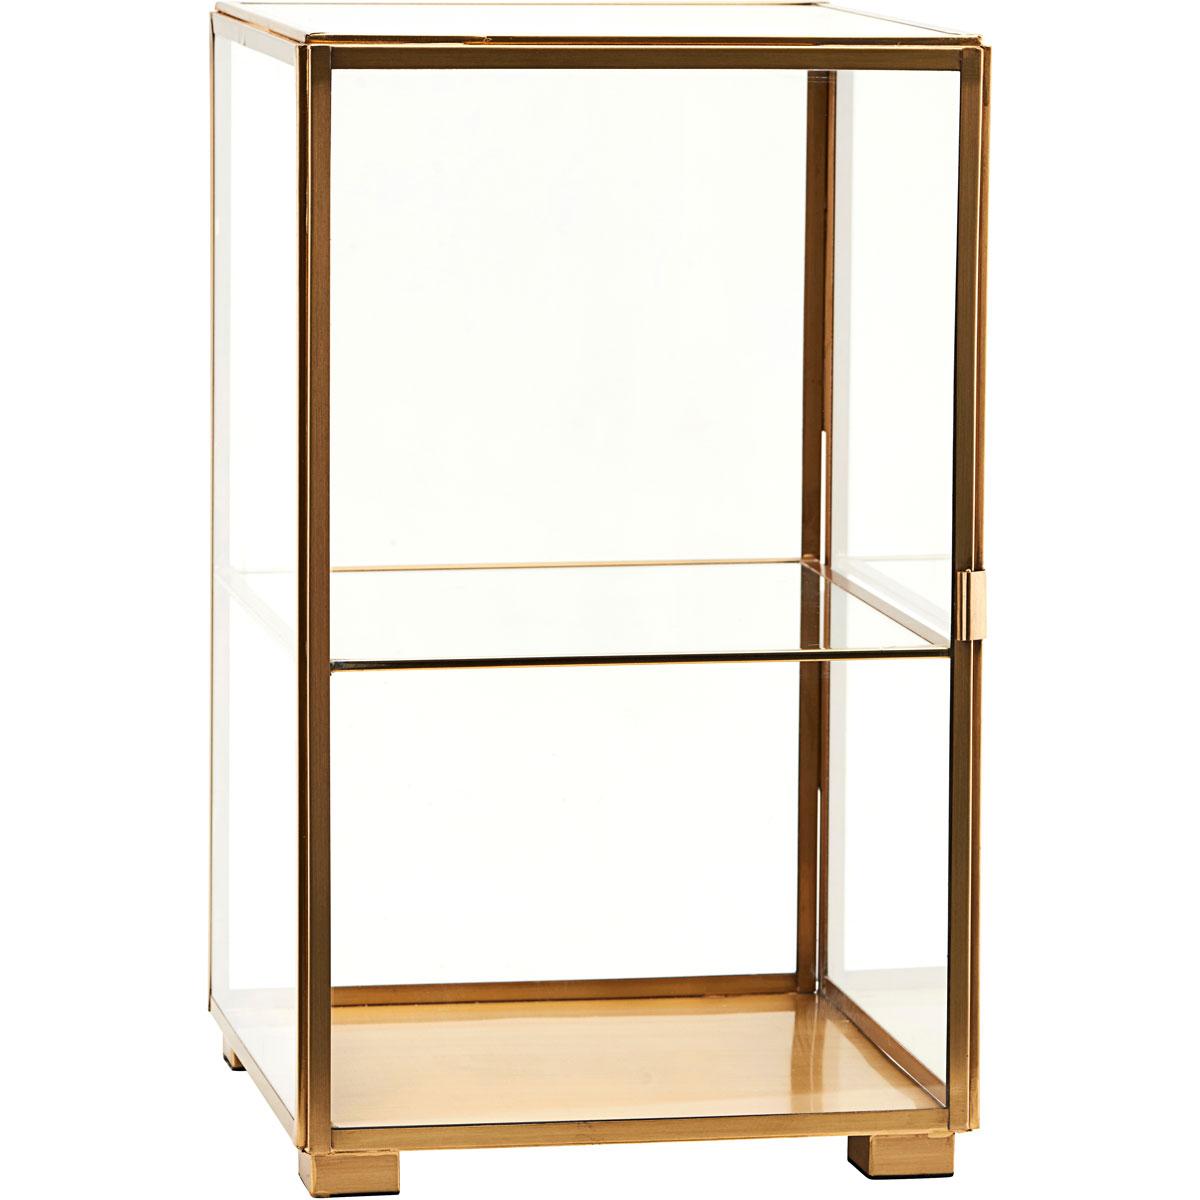 Glasskåp 41x25 cm, Mässing